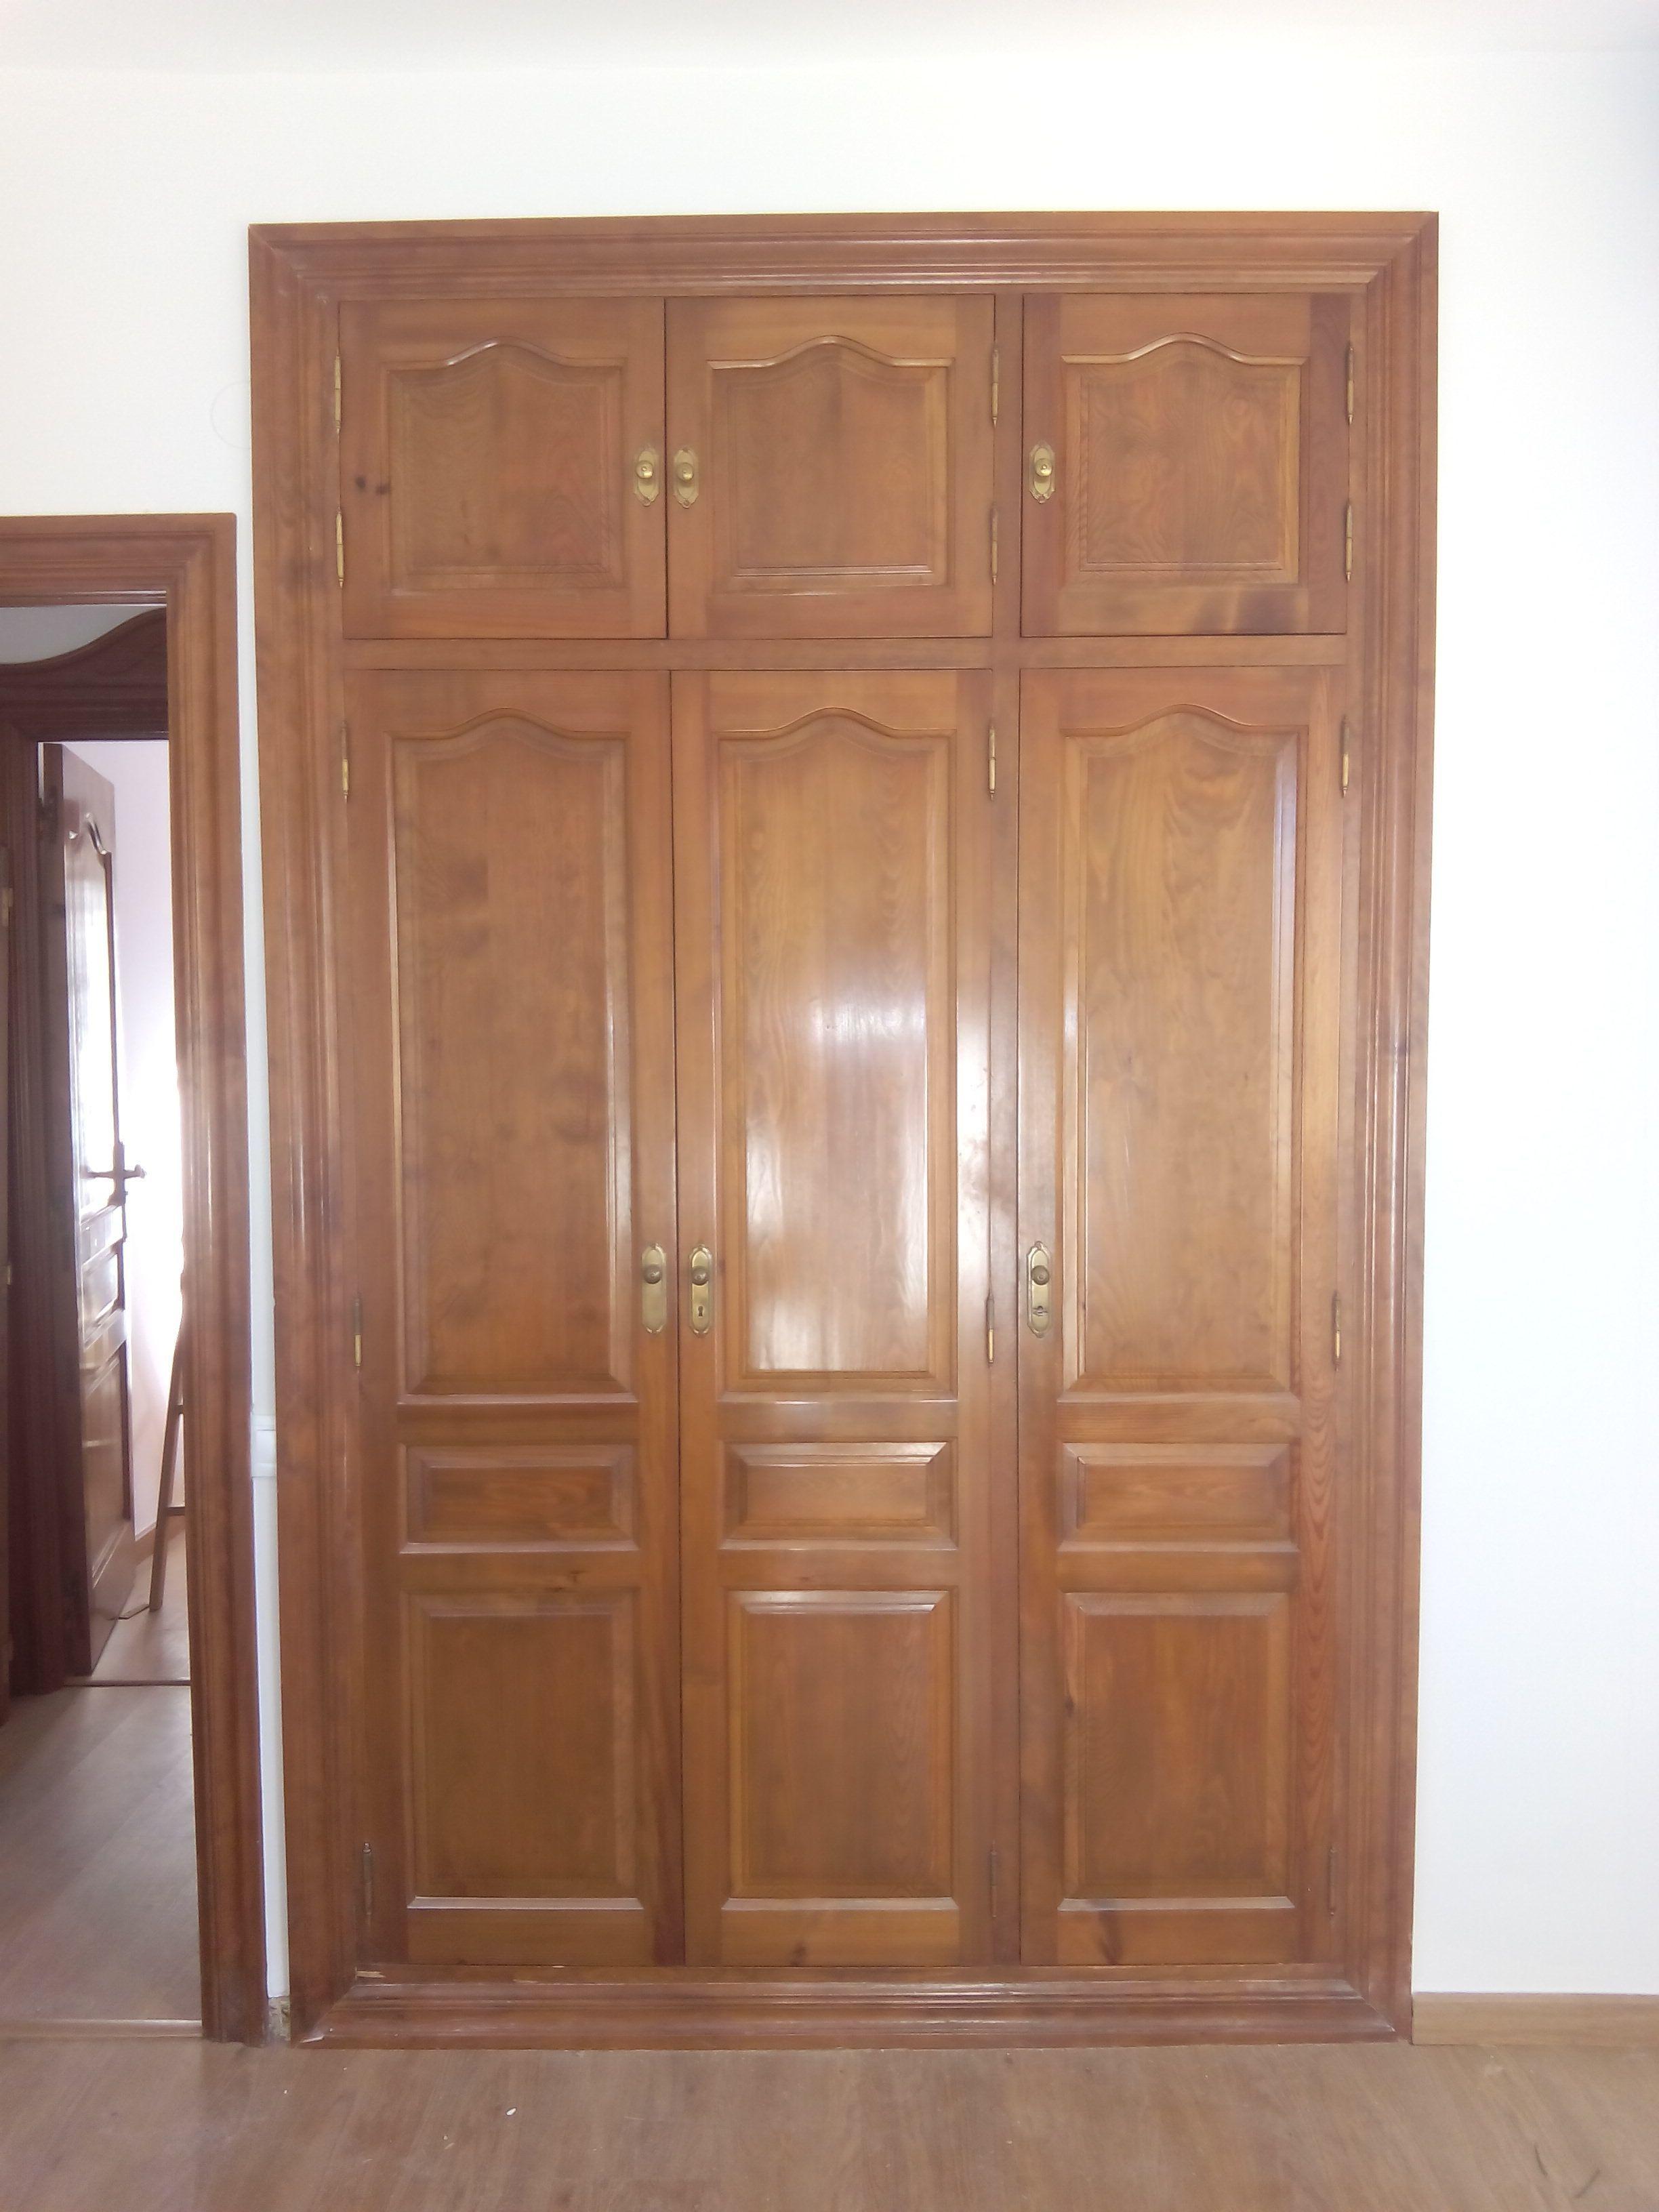 Armarios empotrados puertas una with armarios empotrados - Puertas plegables armarios empotrados ...